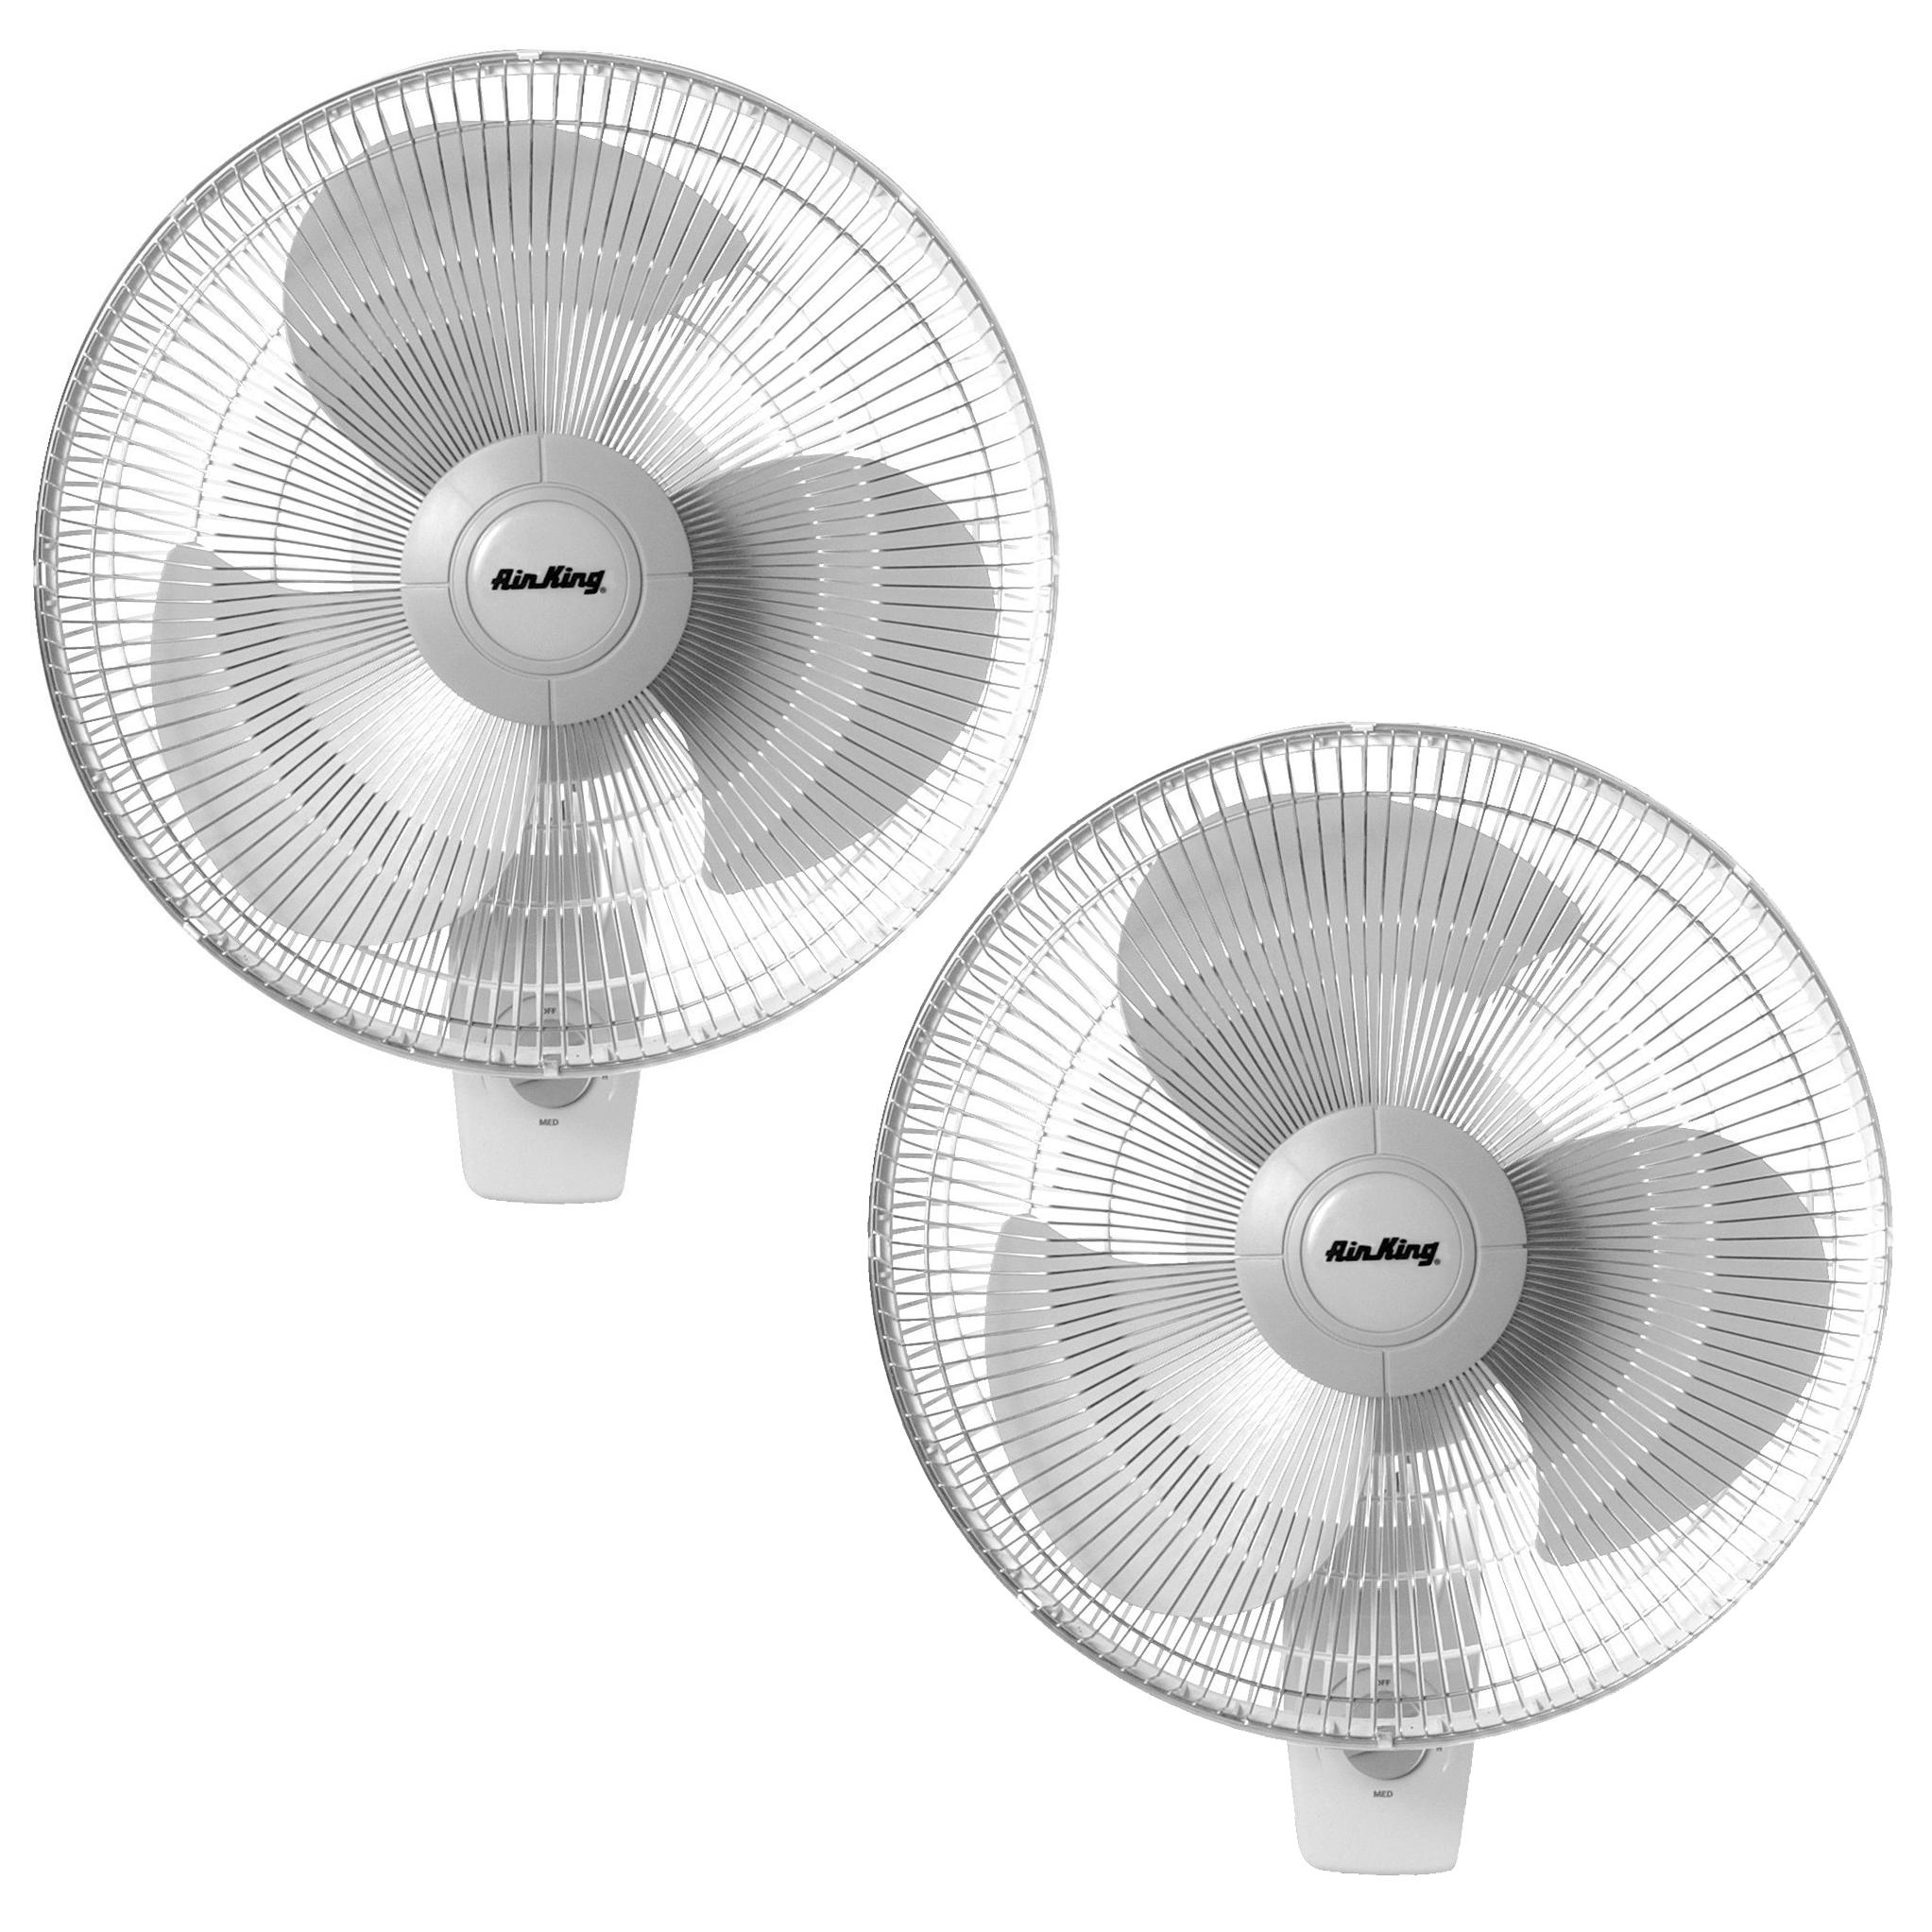 Oscillating Fan Parts : Air king inch residential grade oscillating blade